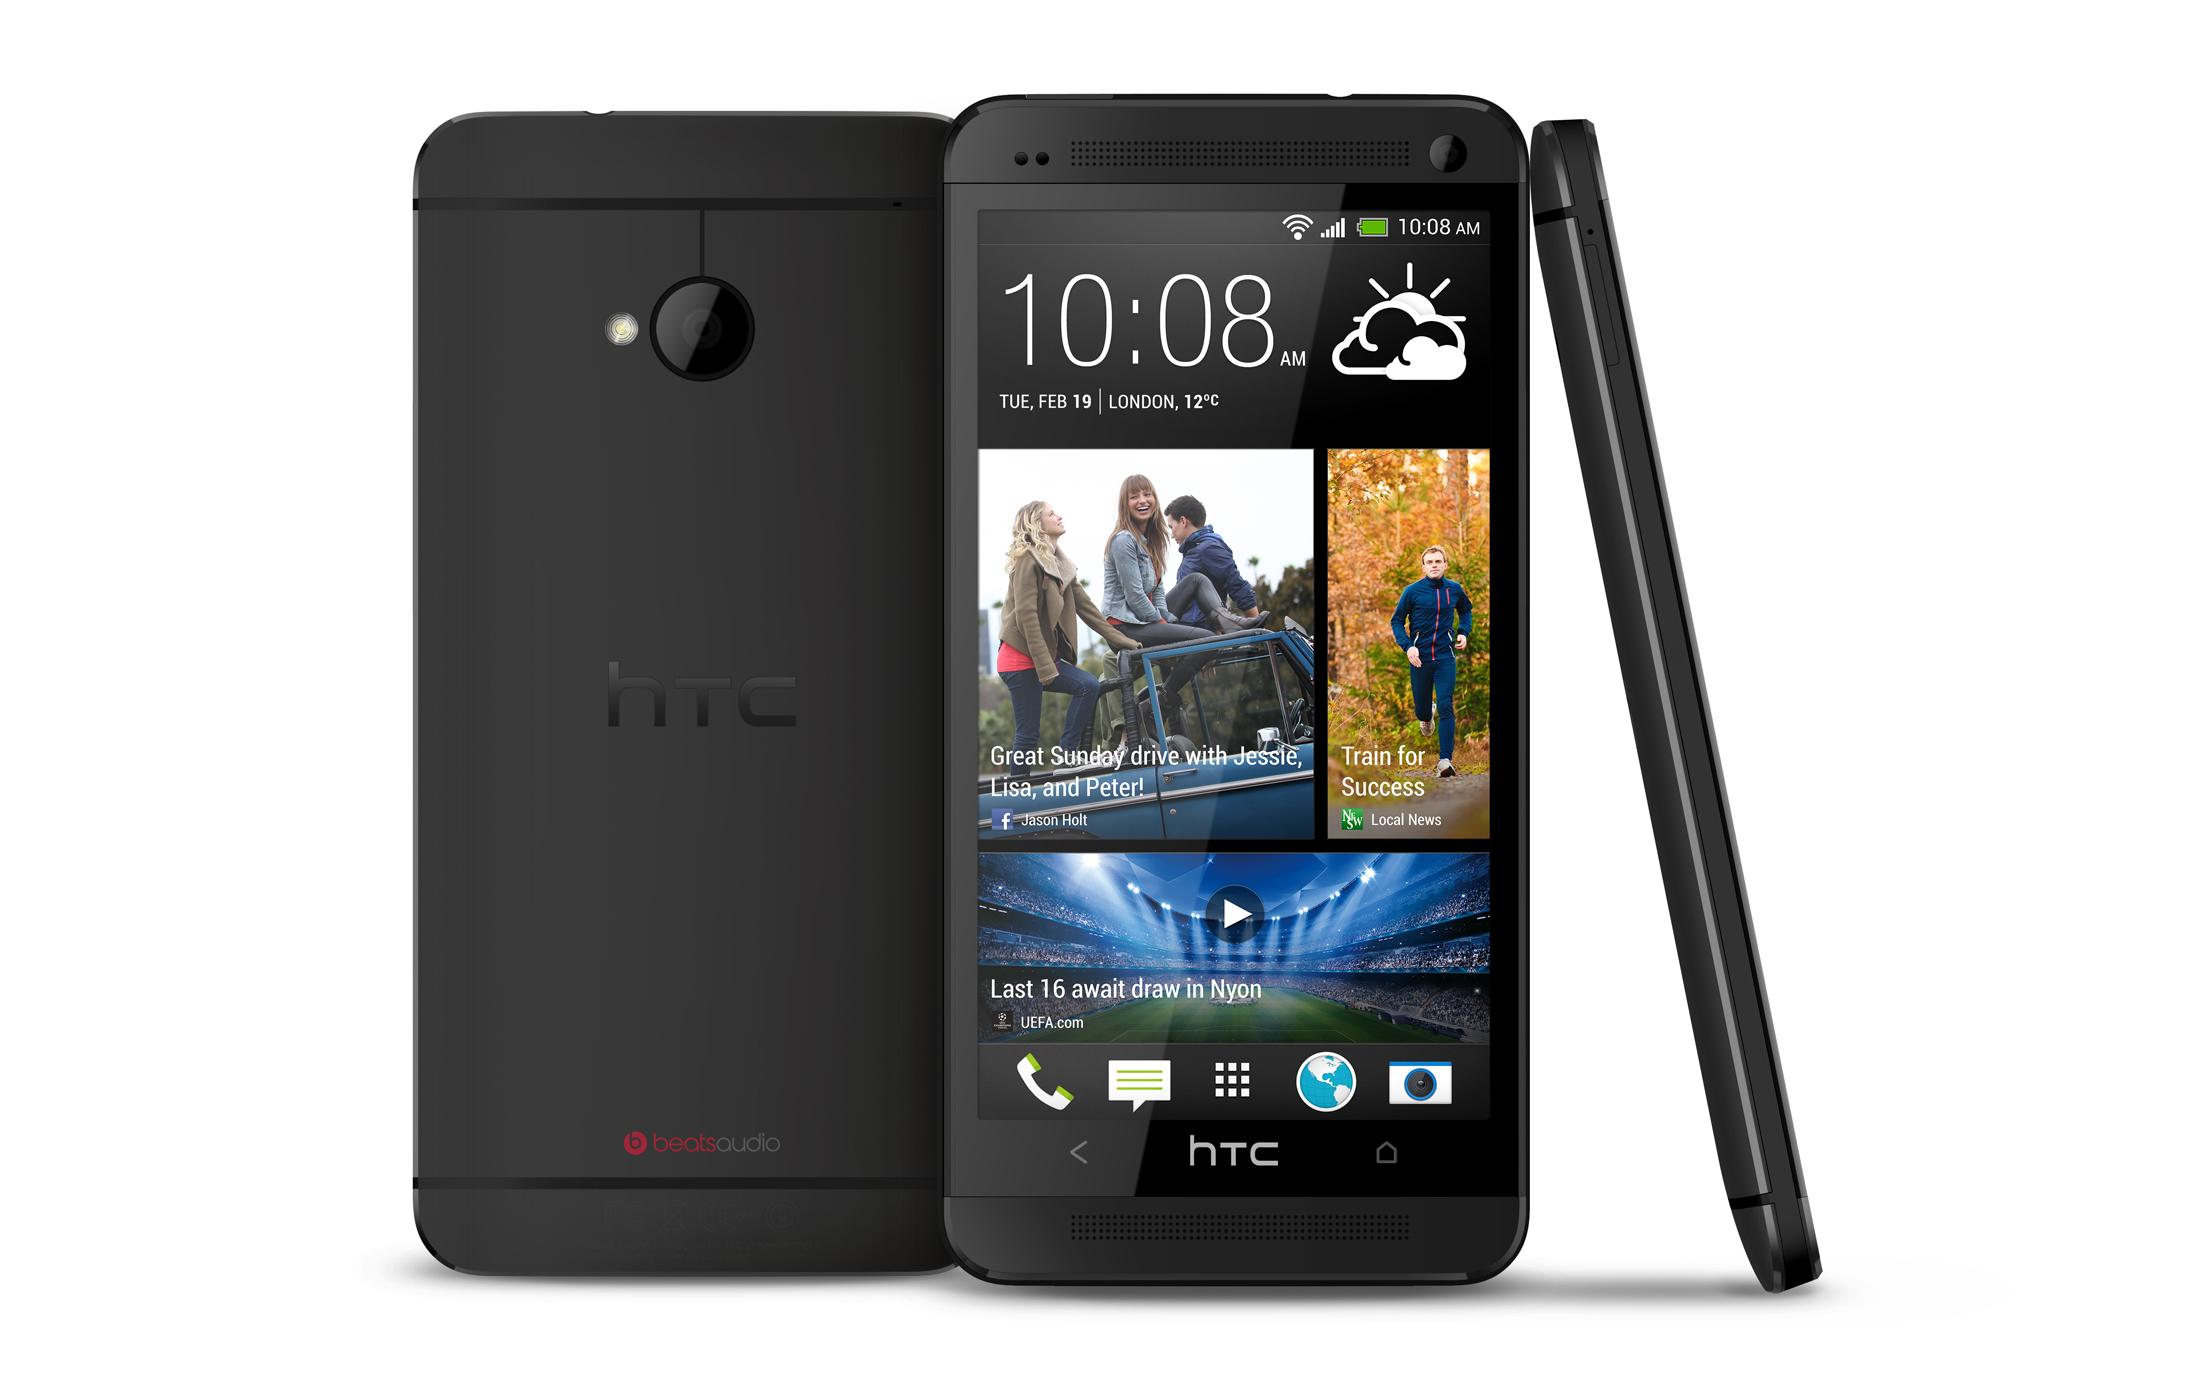 One le nouveau smartphone haut de gamme htc yzgeneration - Sauna infrarouge haut de gamme ...